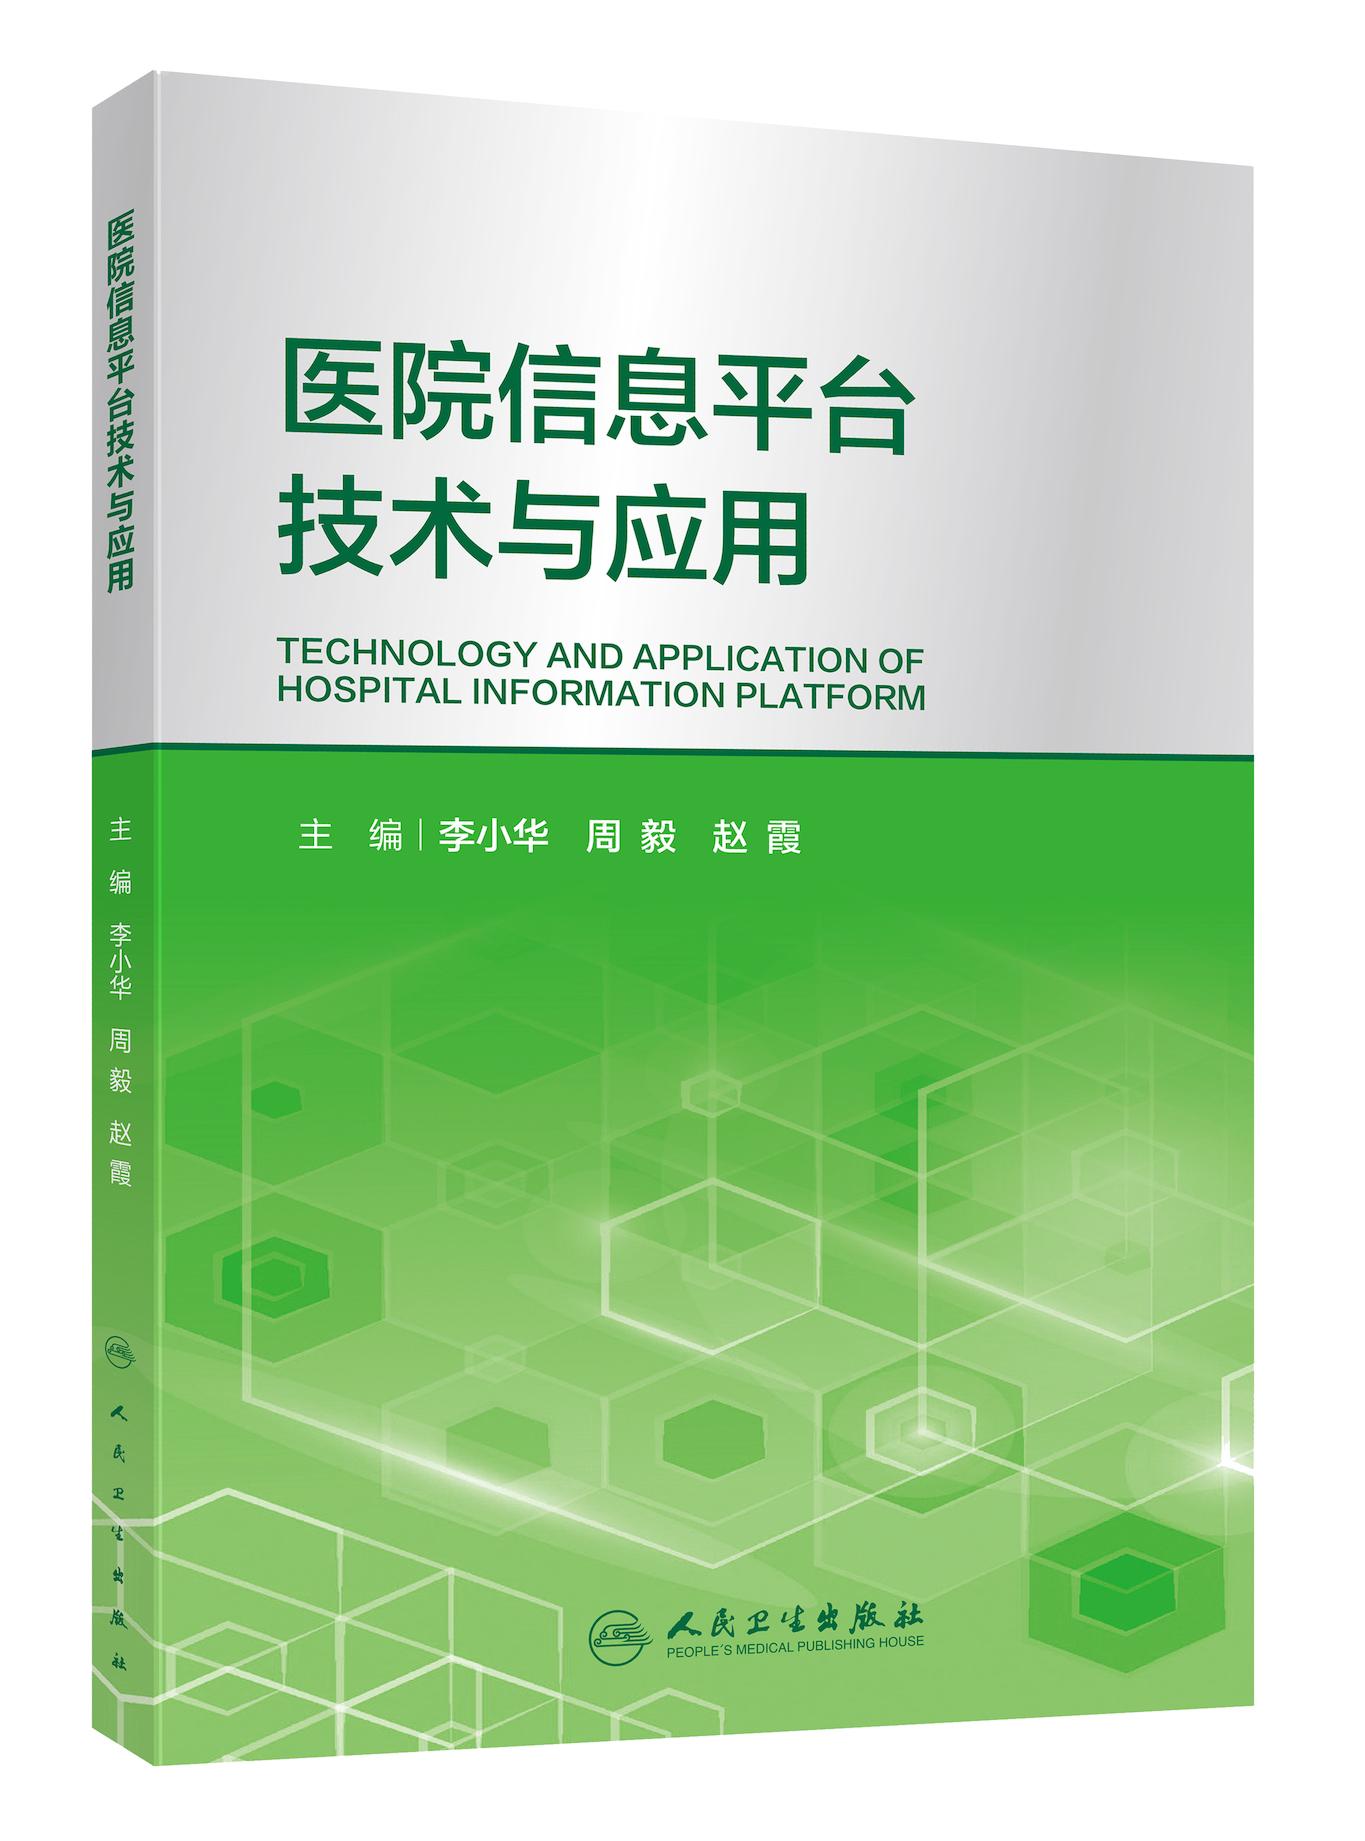 医院信息平台技术与应用